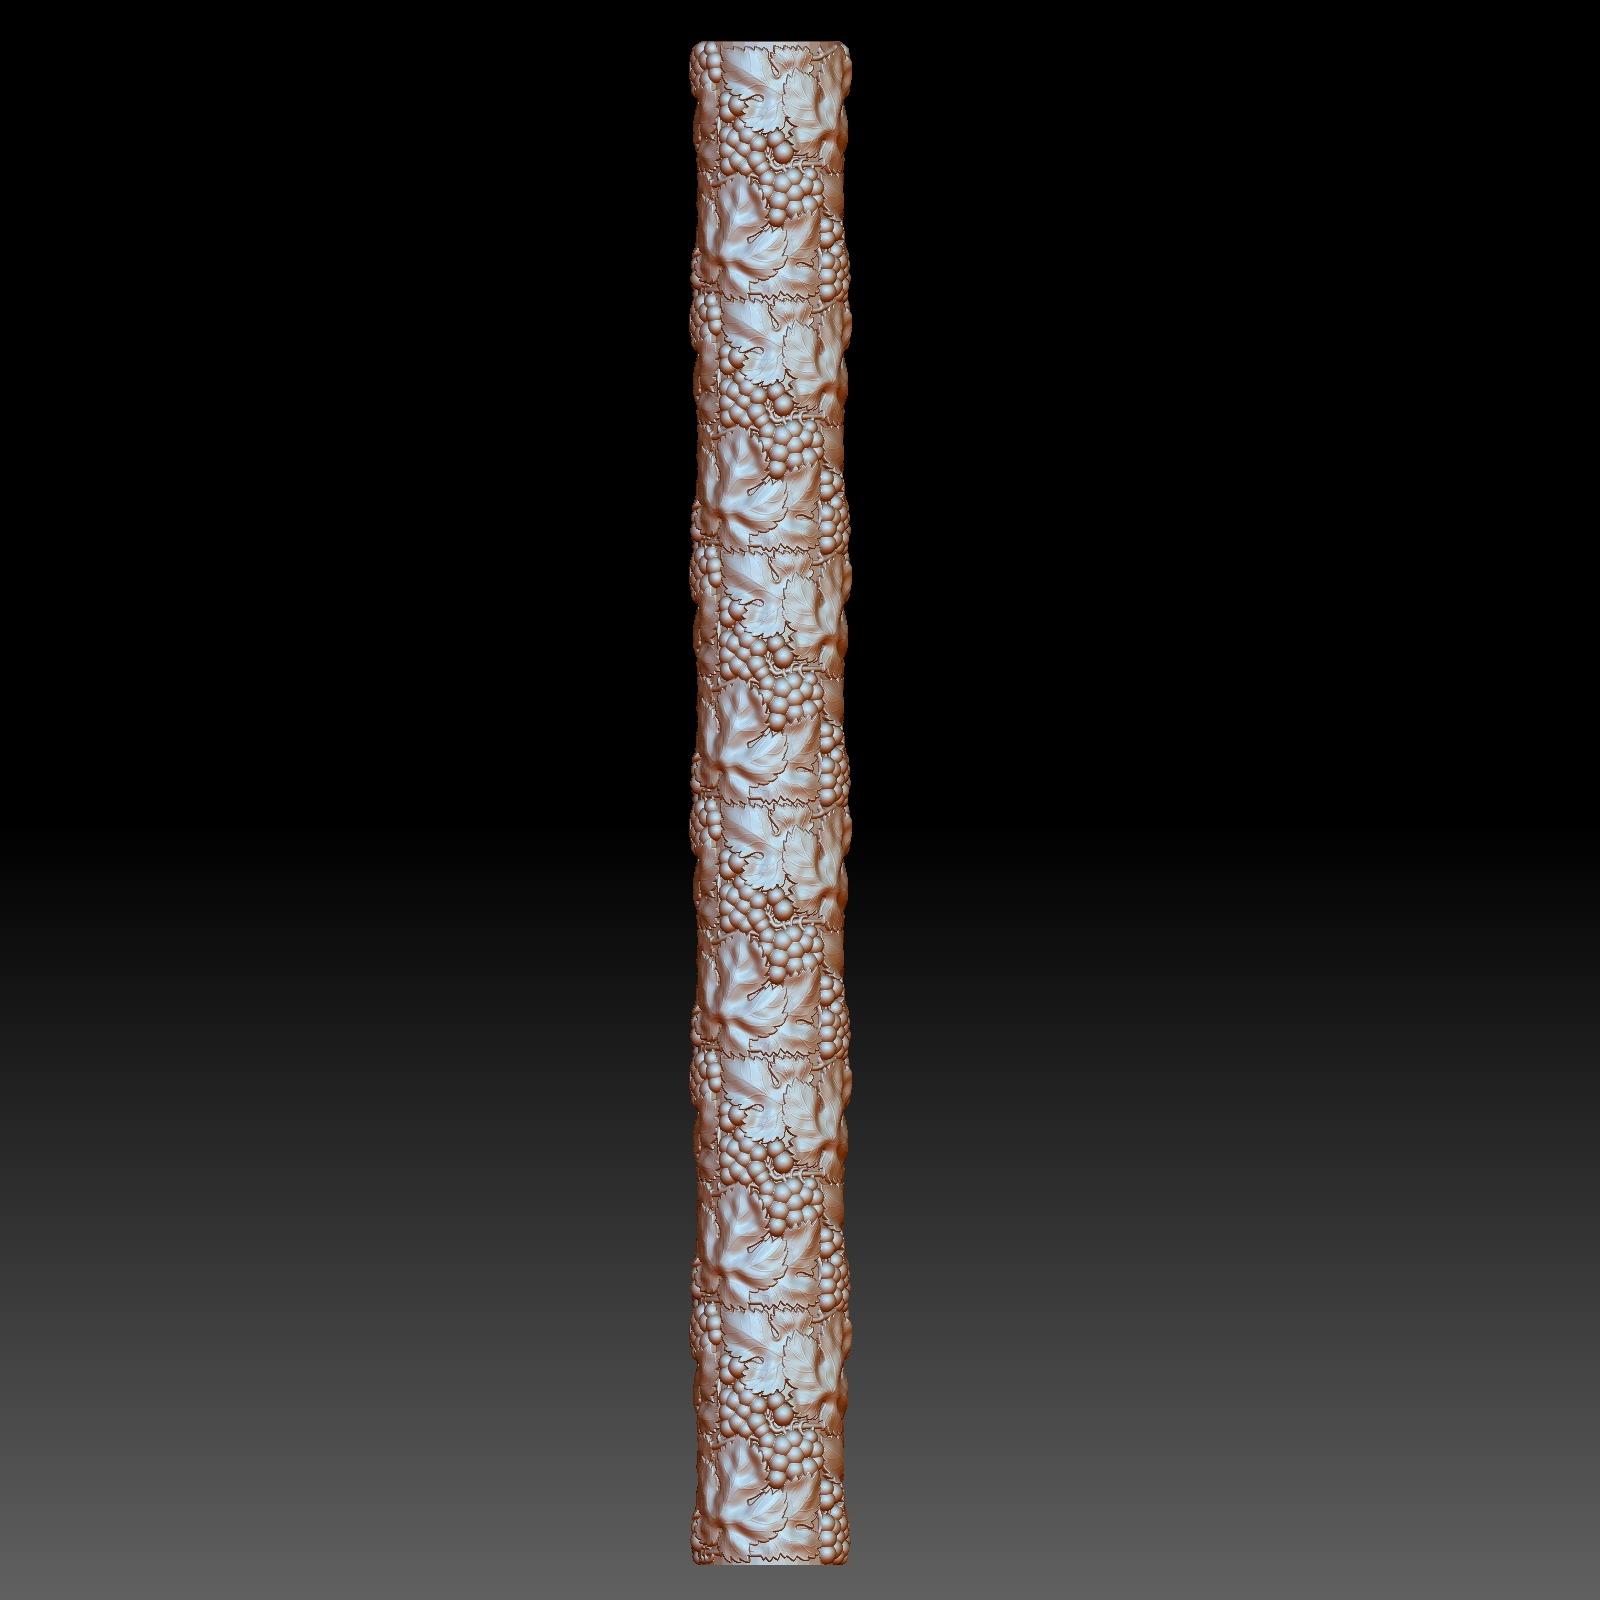 葡萄藤圆柱罗马柱子楼梯栏杆